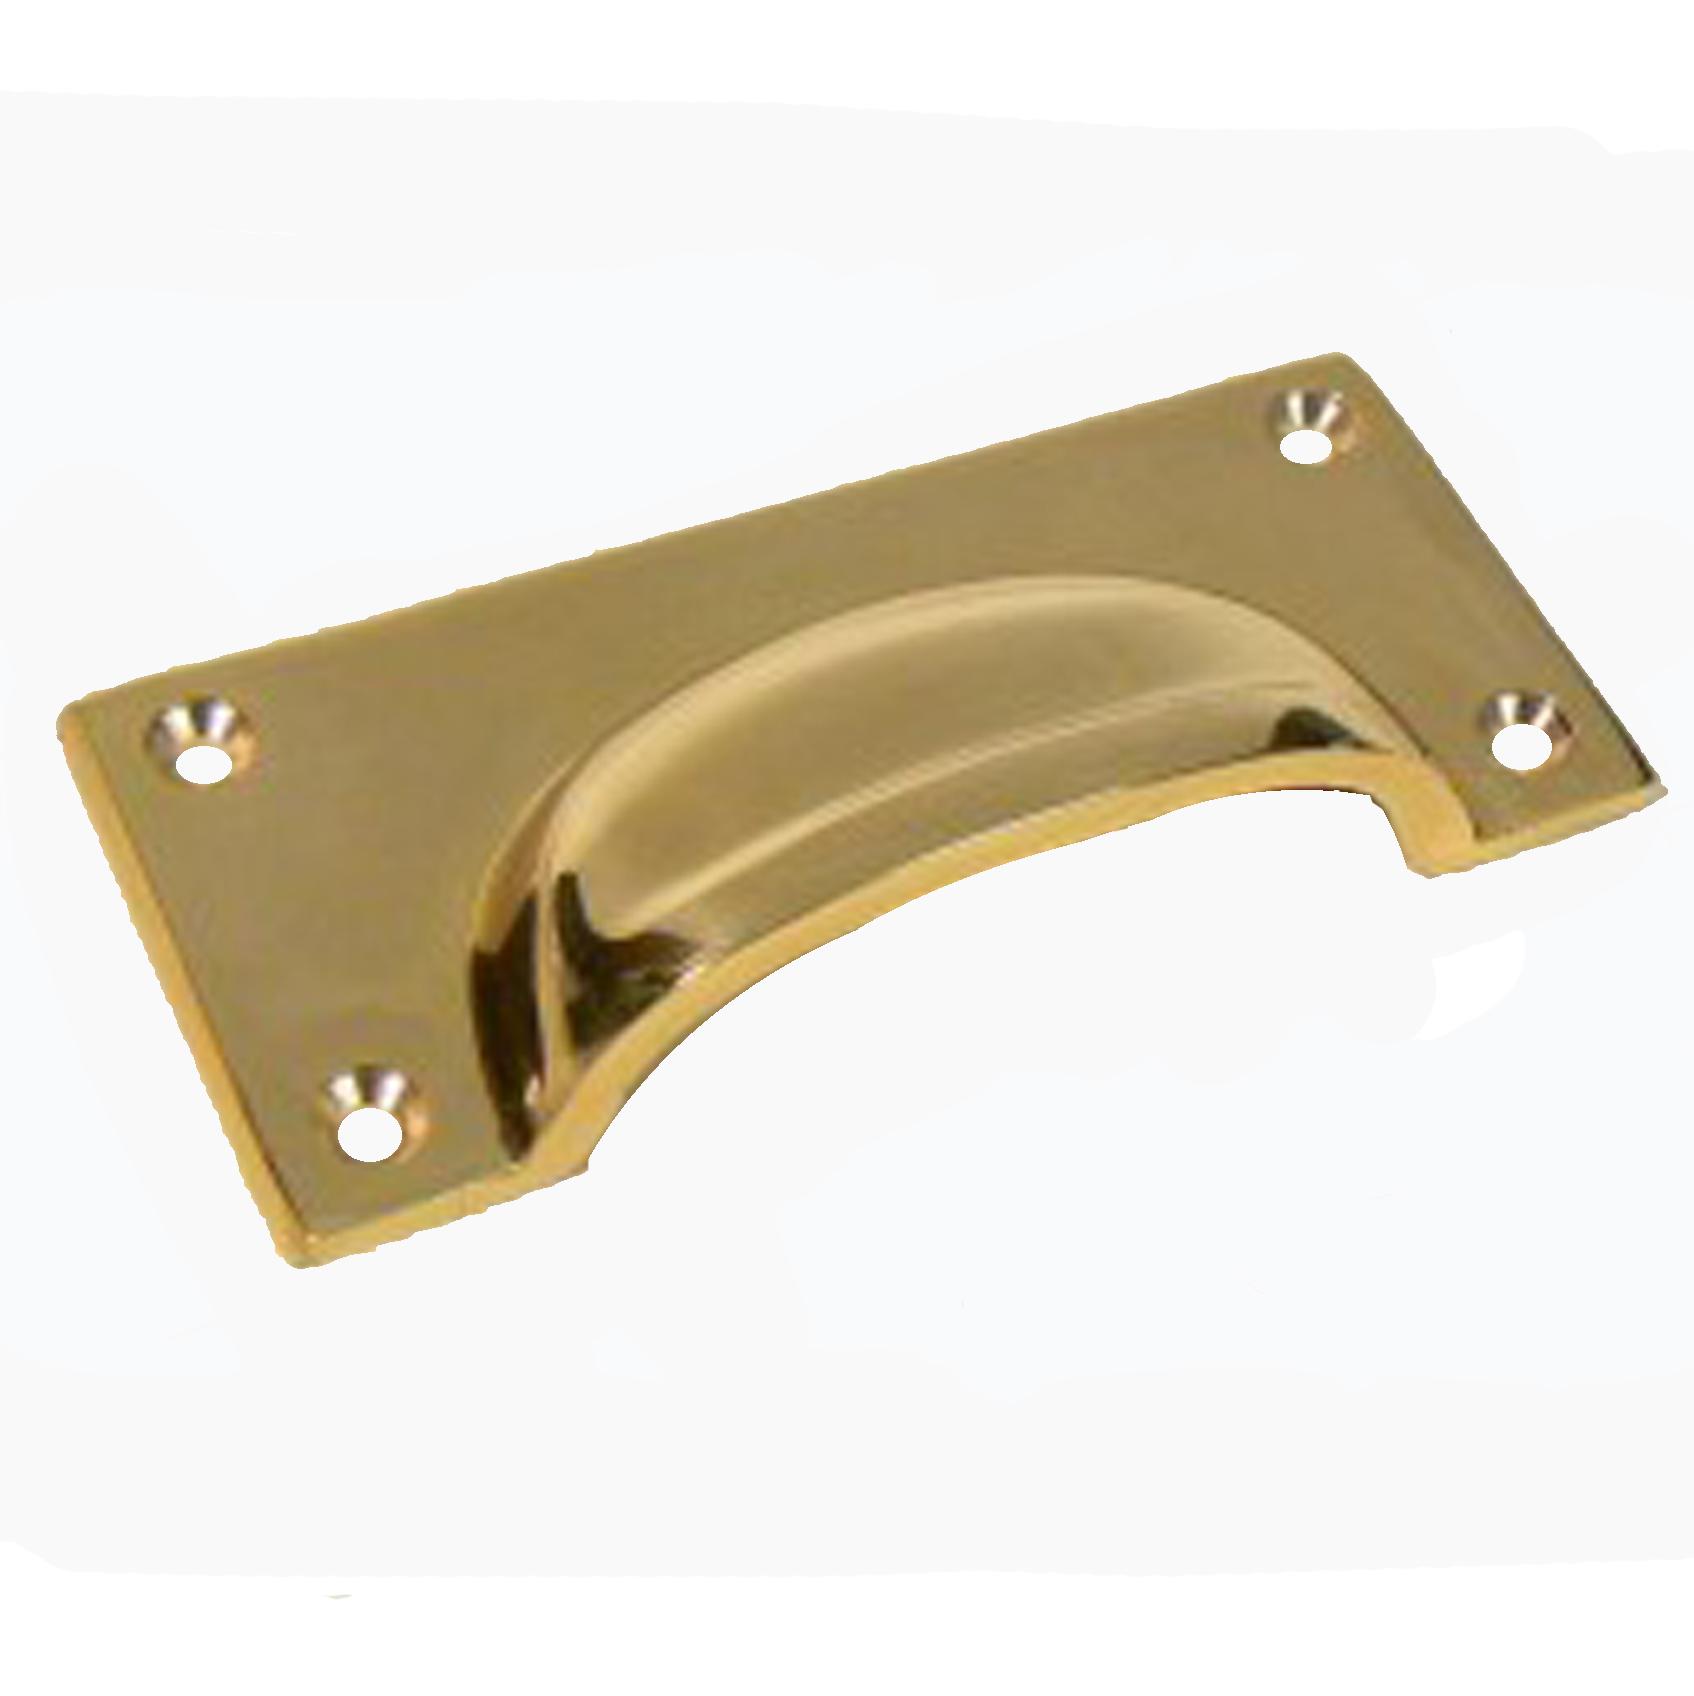 Cragside solid brass drawer pull